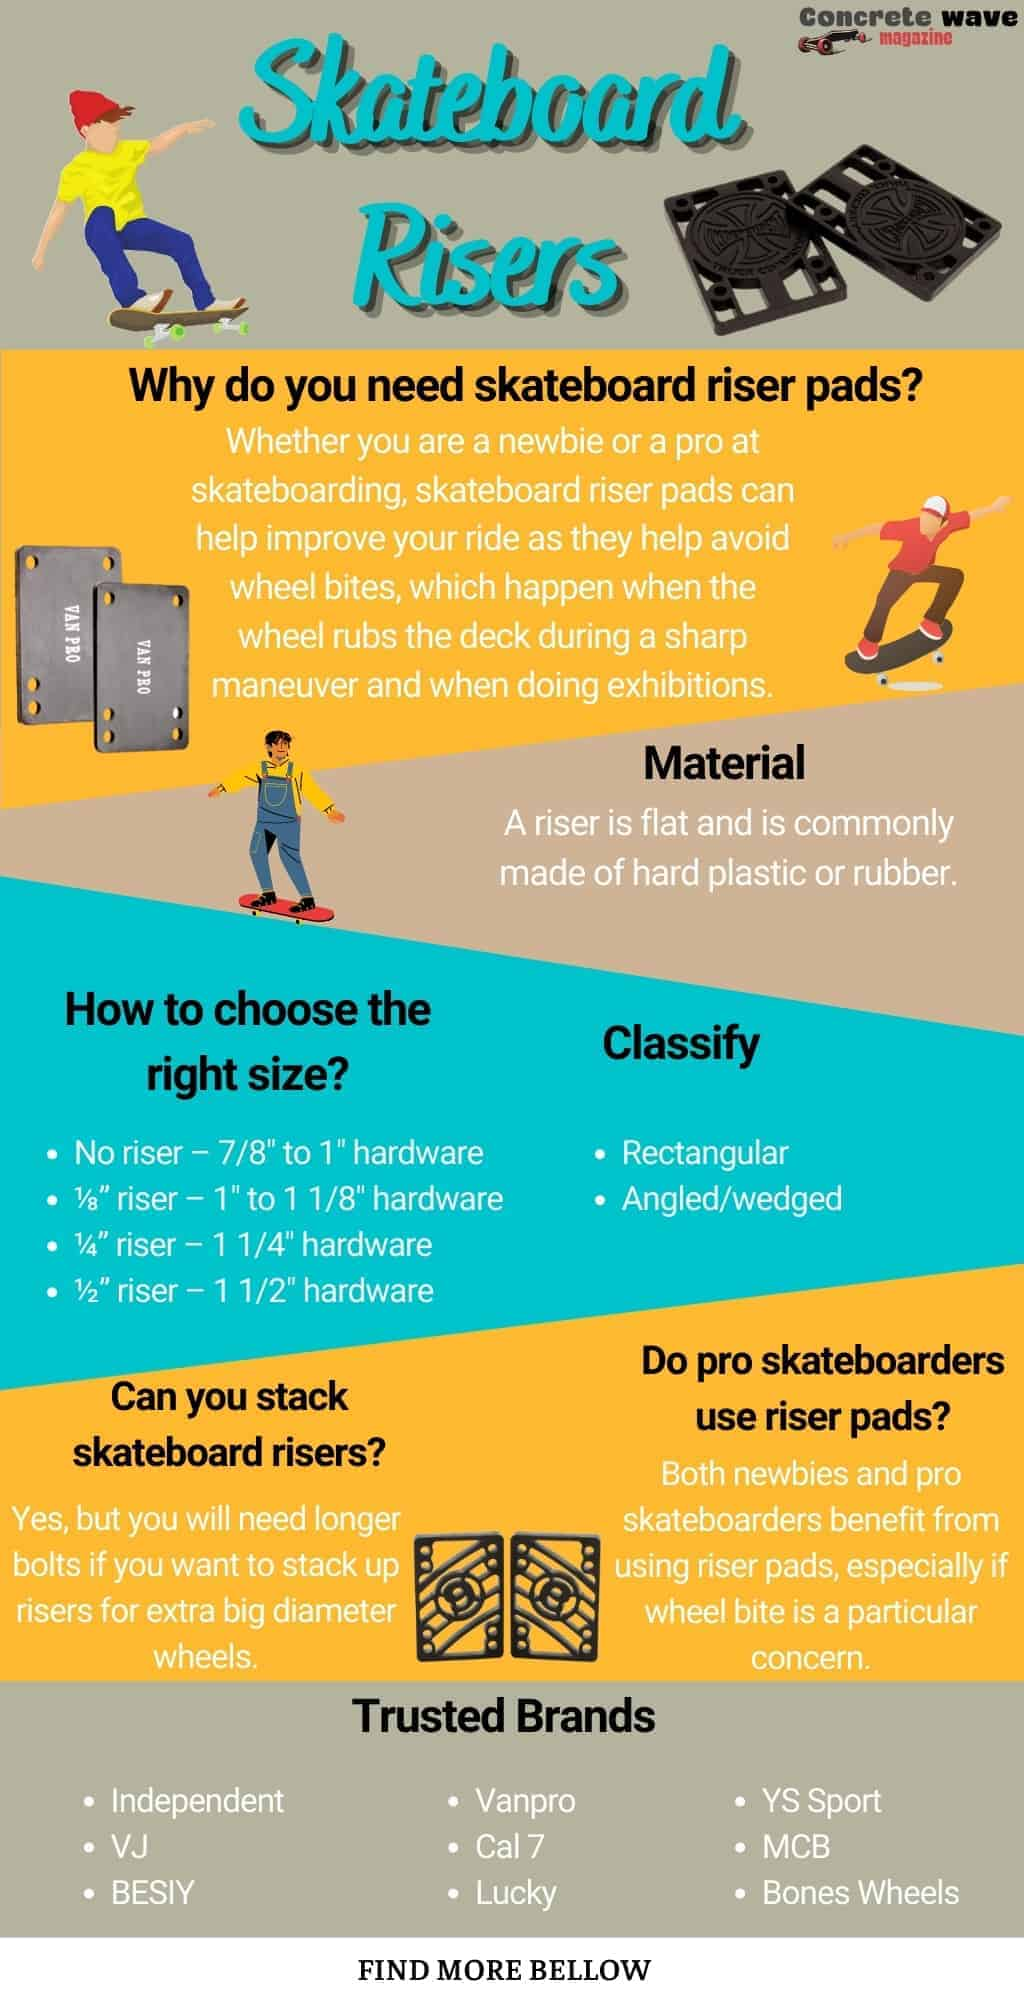 skateboarding-risers